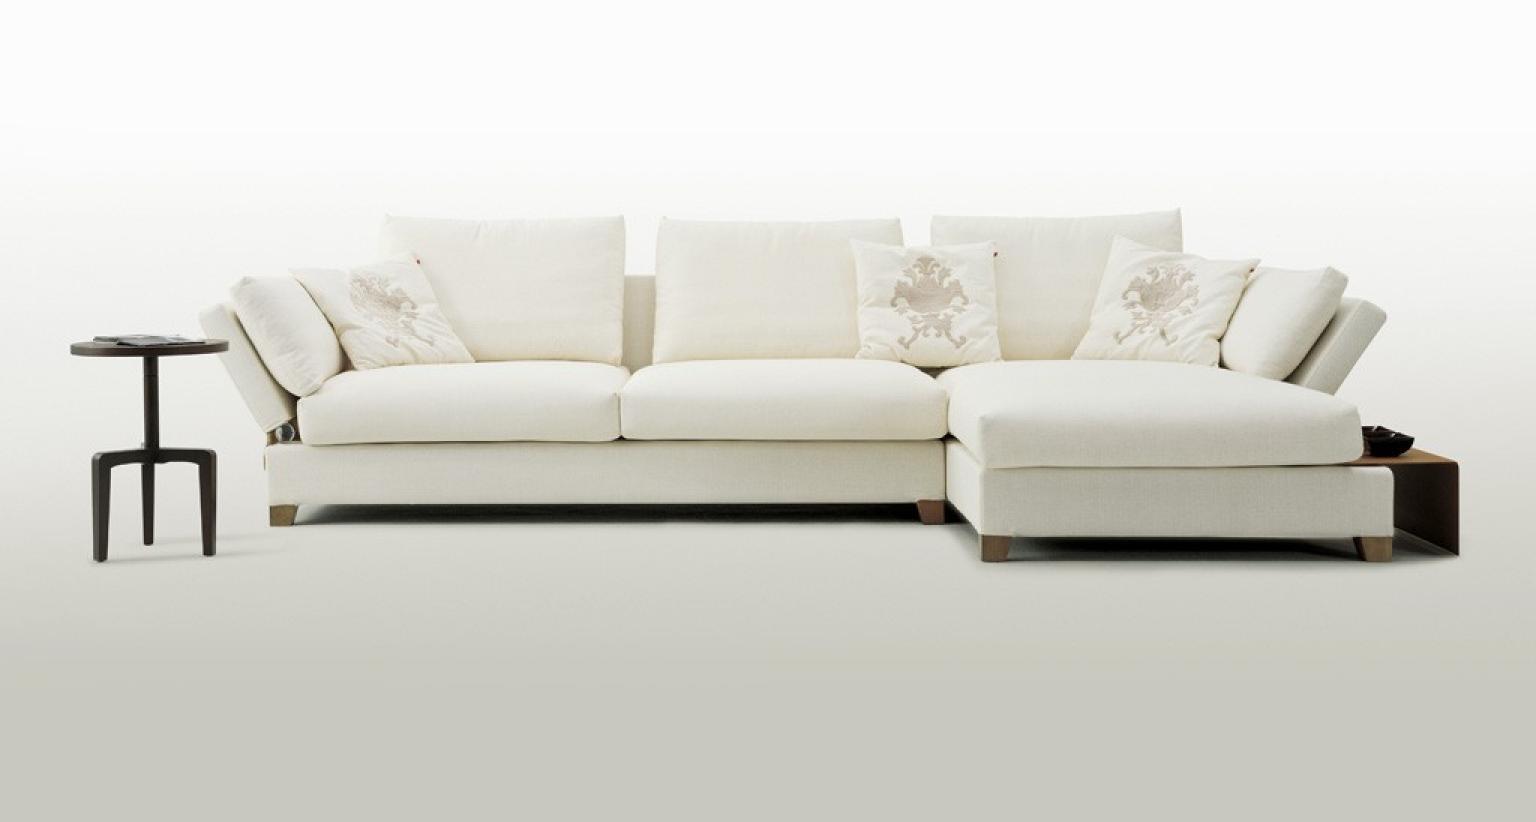 canap luxe design lit design luxe lit de rve meuble et canapcom with canap luxe design canap. Black Bedroom Furniture Sets. Home Design Ideas